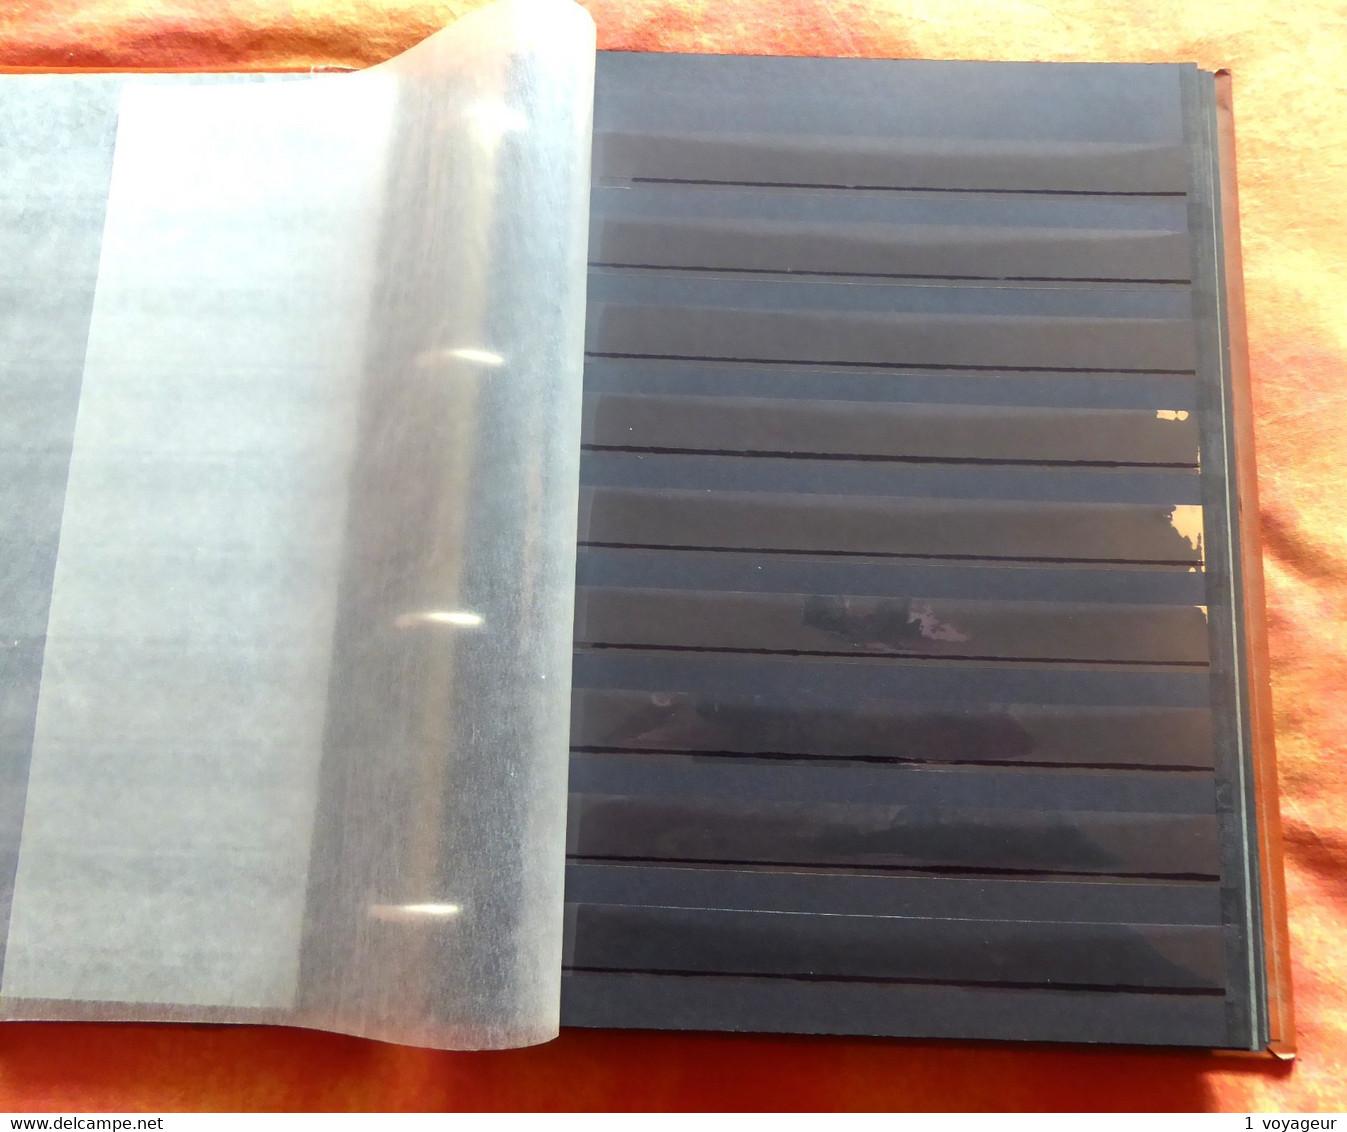 Lot De 2 Classeurs 26 X 31 Cm - Reliures 4 Anneaux + 50 Feuilles Fond Noir (100 Pages) - Bon état. - Large Format, Black Pages